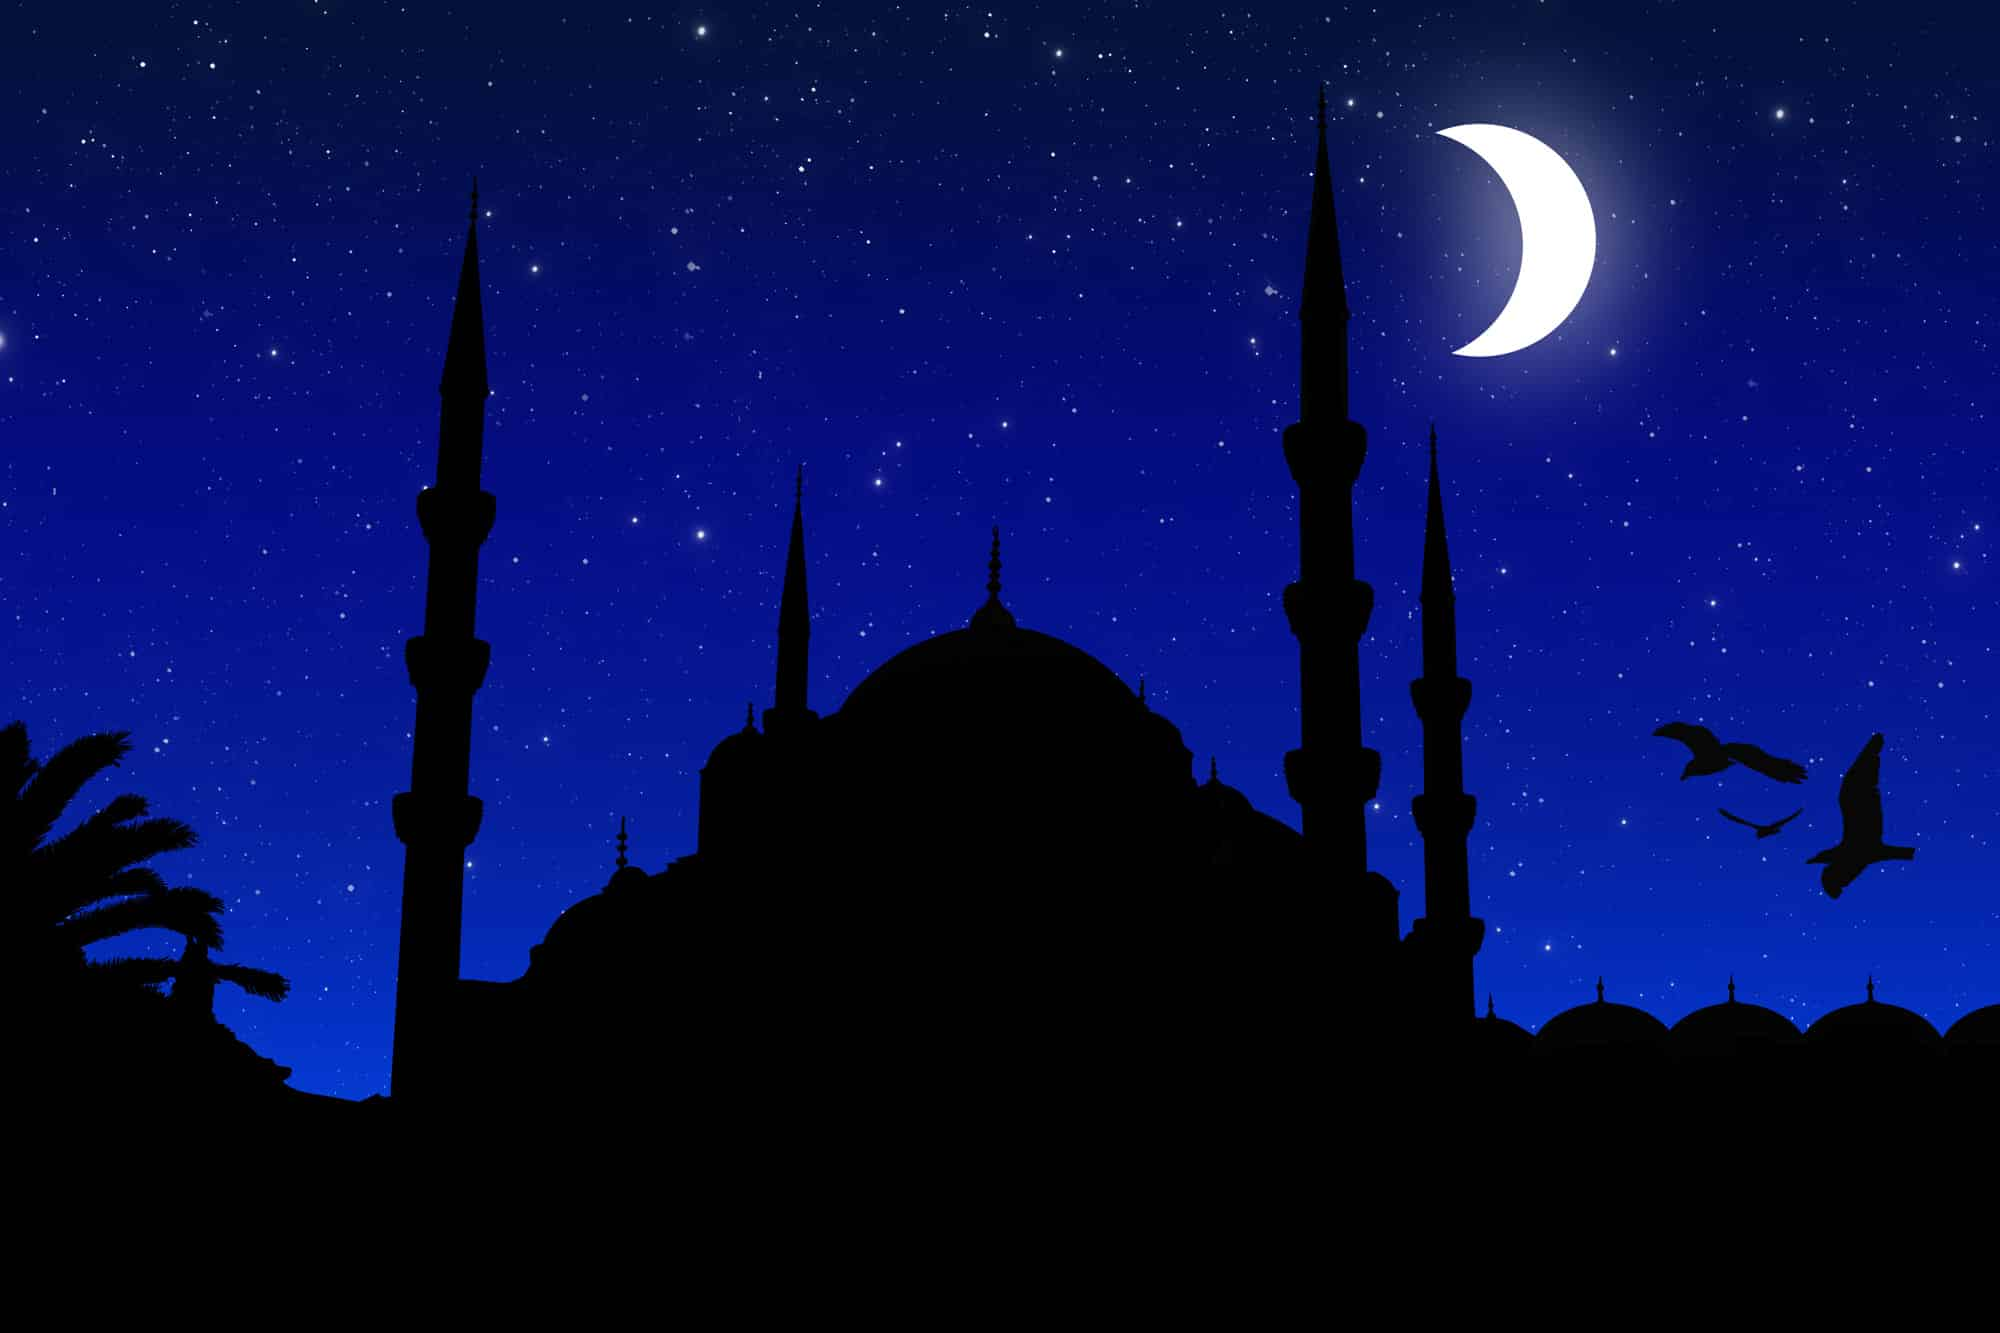 Le voyage nocturne et l'ascension du prophète de l'islam Muhammad par cheikh Mohamed Hendaz